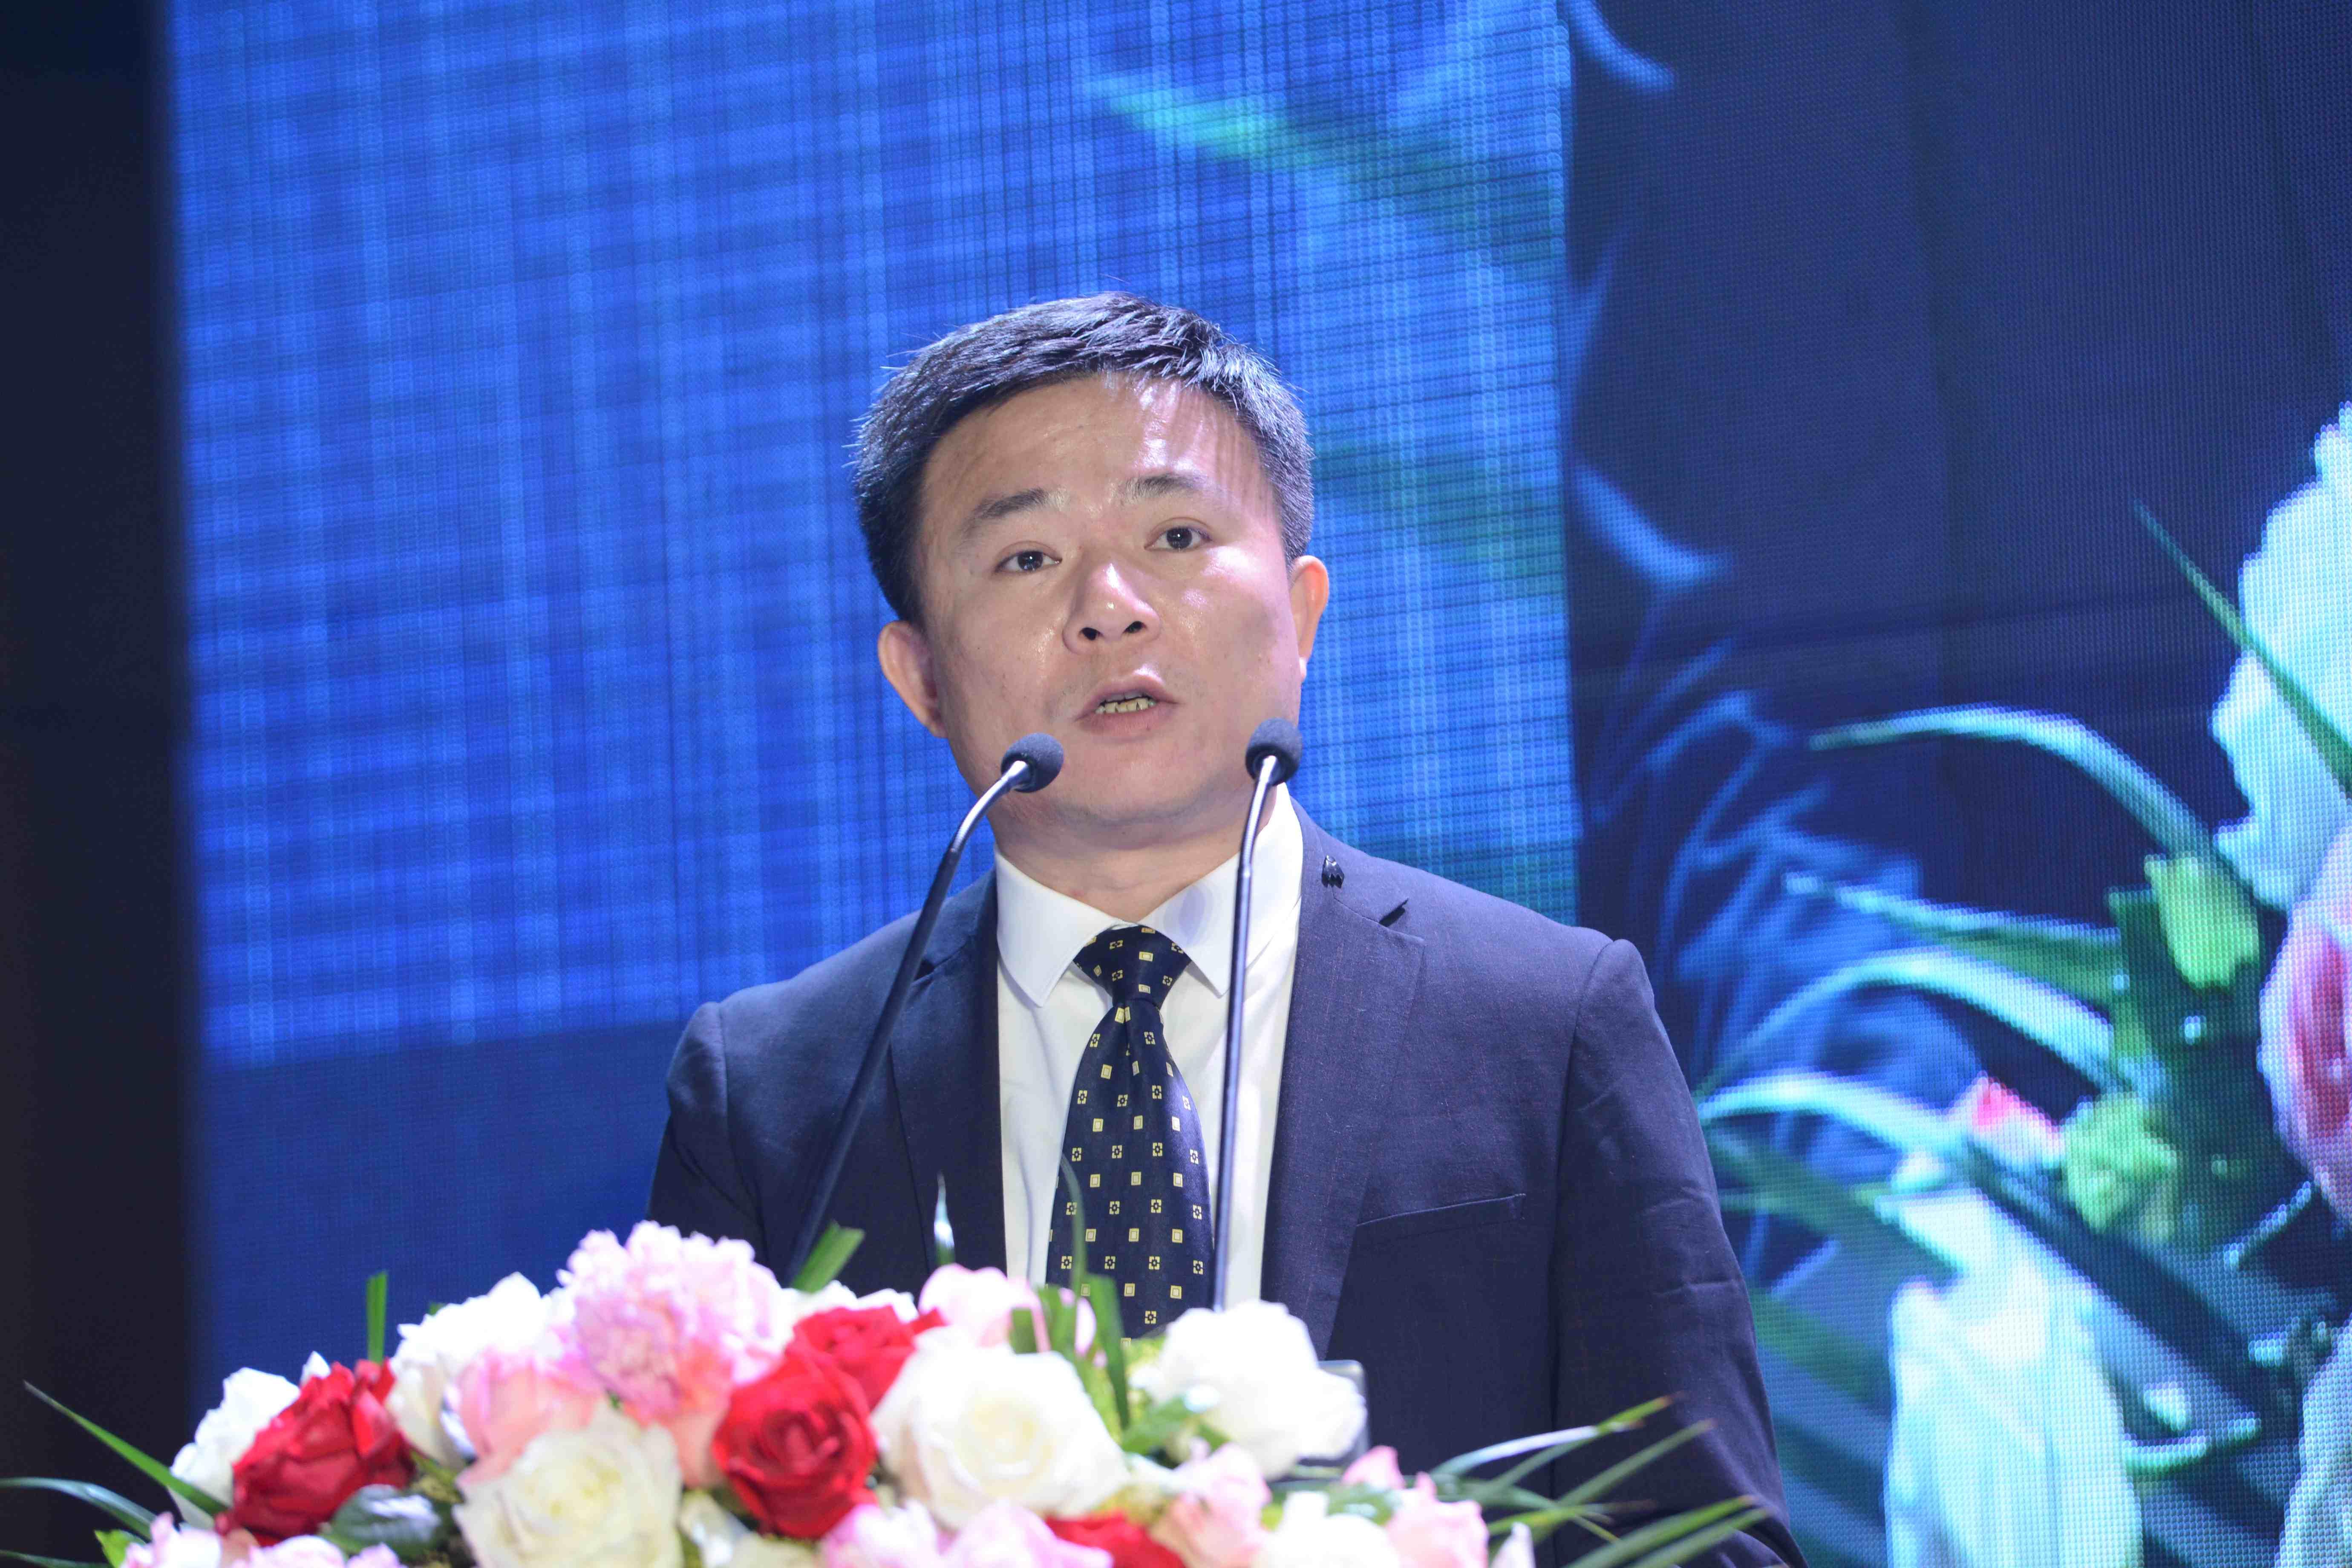 中国玻璃产业发展年会文图-中国玻璃产业发展年会文图-刘志健